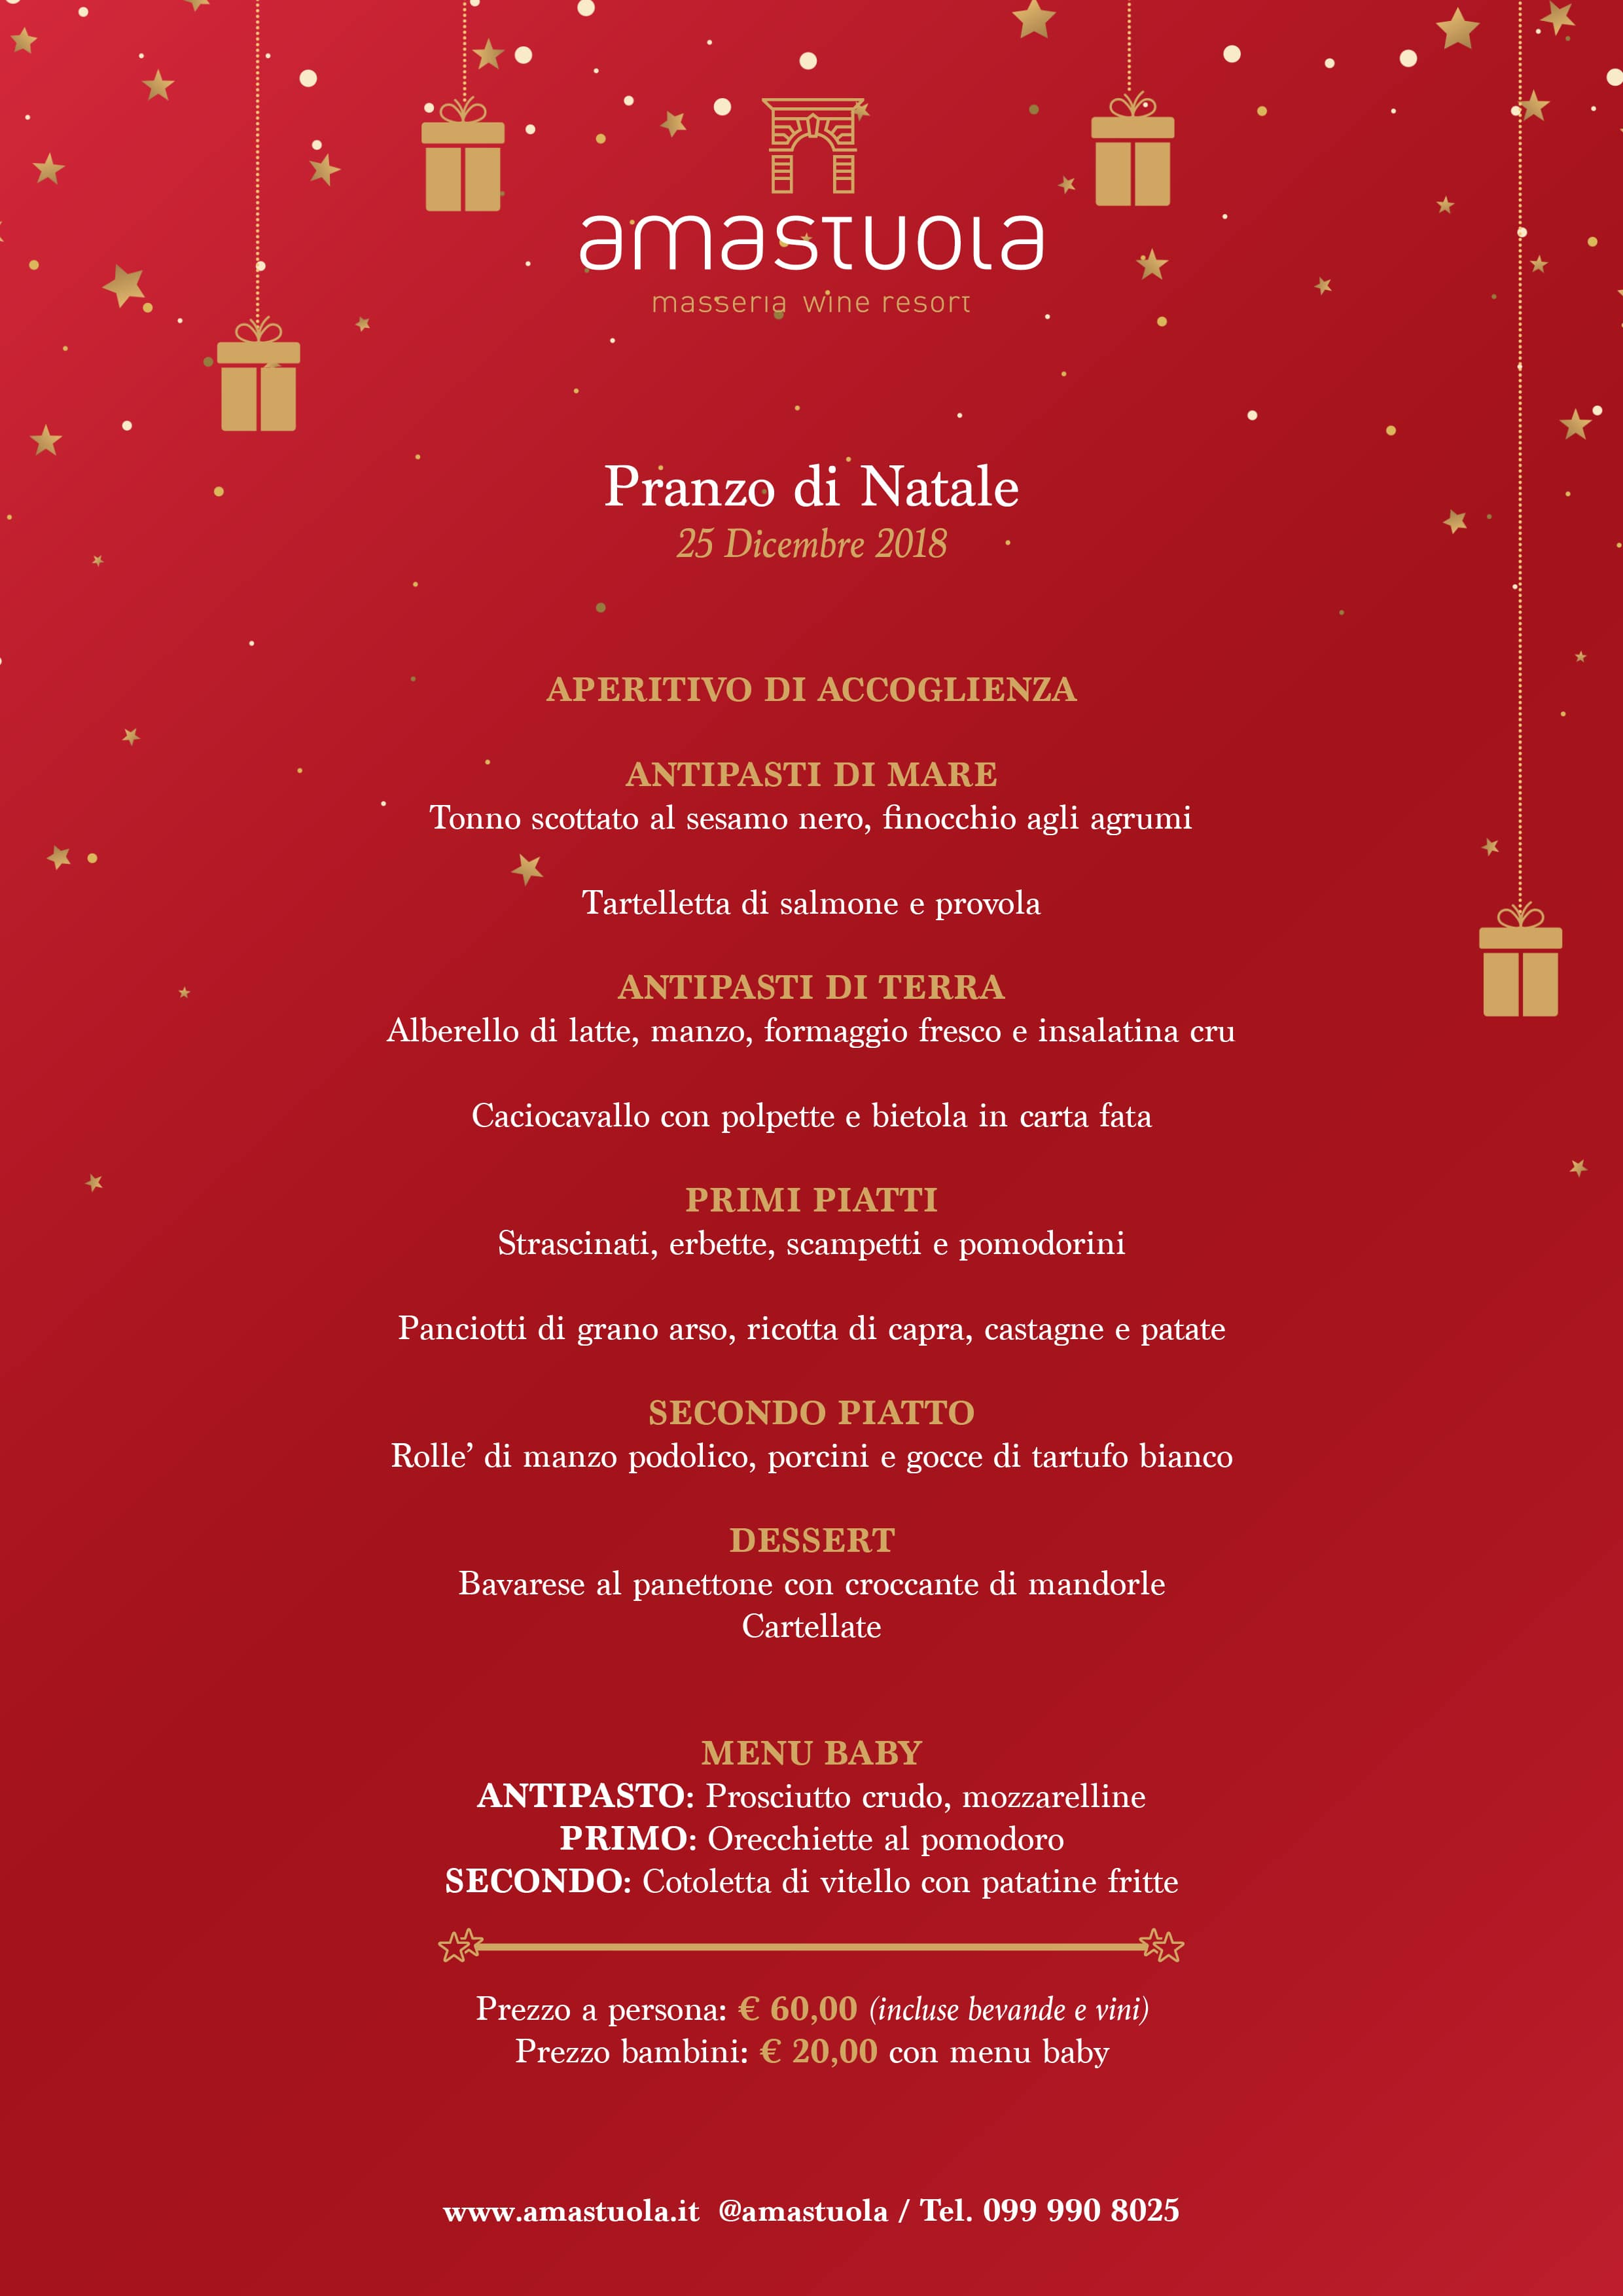 Menu Per Il Pranzo Di Natale 2019.Eventi Natale 2018 A Masseria Amastuola Amastuola